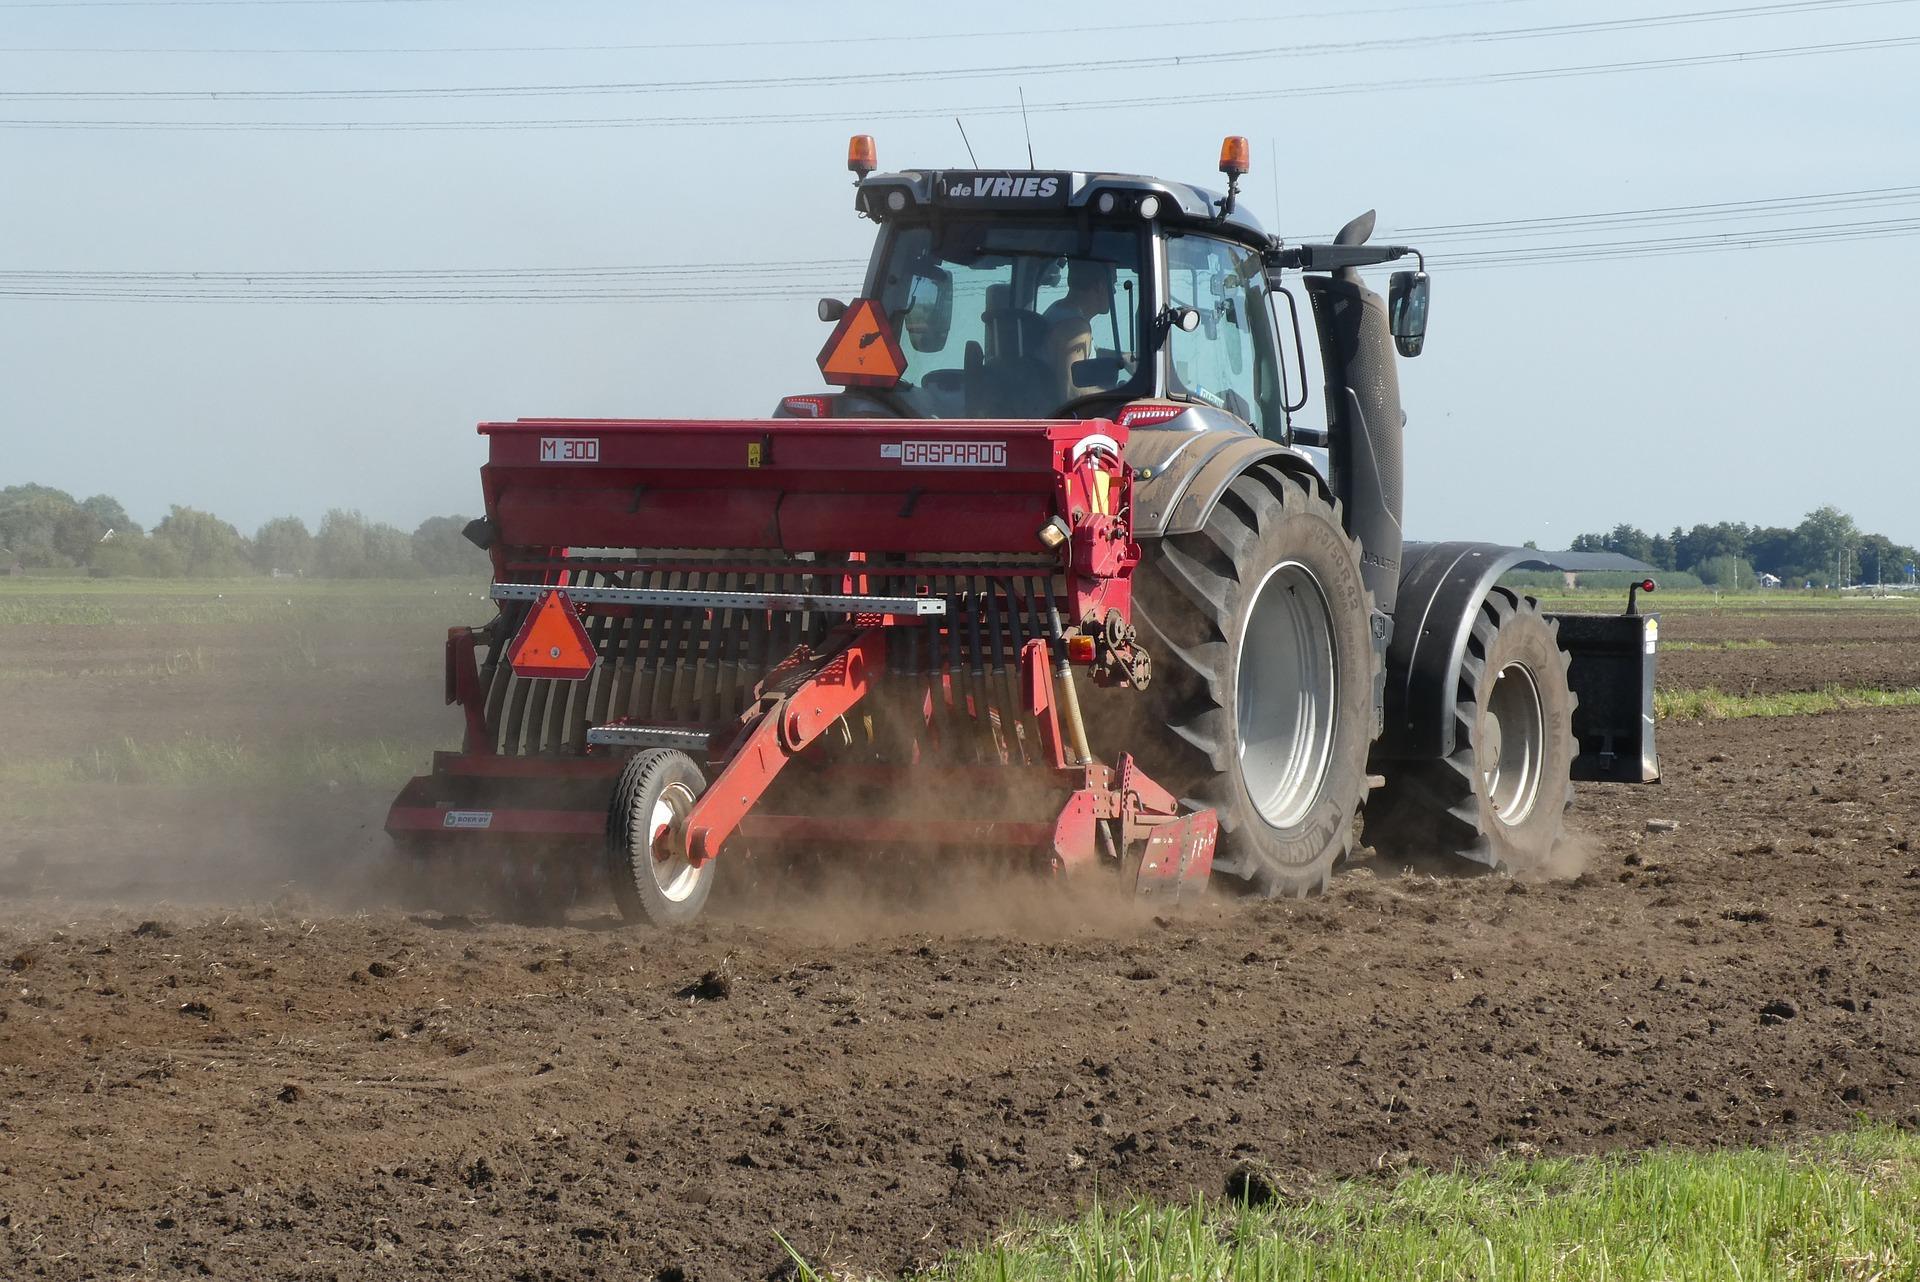 Kraftfahrzeugsteuerbefreiung von Sattelzugmaschinen in der Land- oder Forstwirtschaft